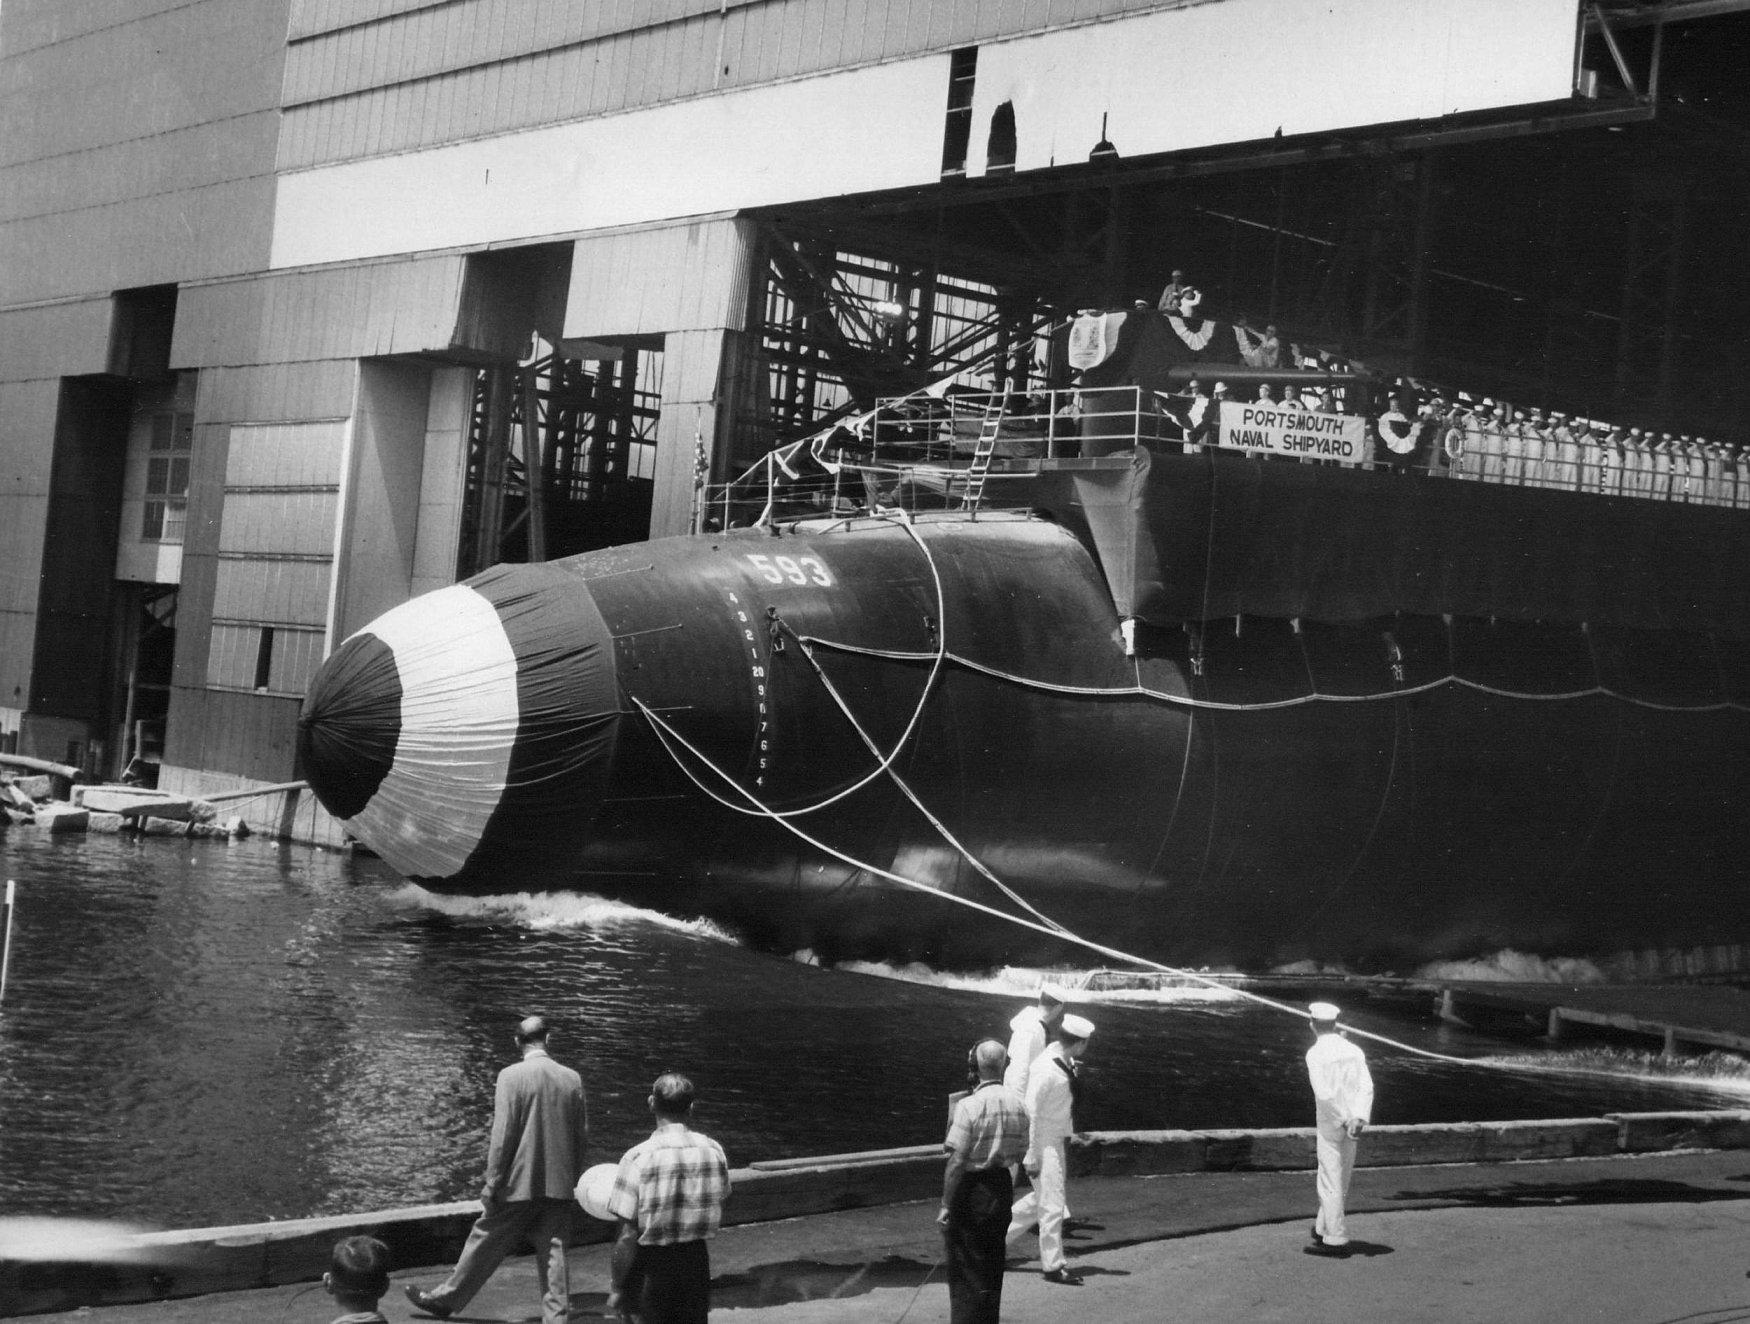 члены этой фото подводной лодки трешер помимо